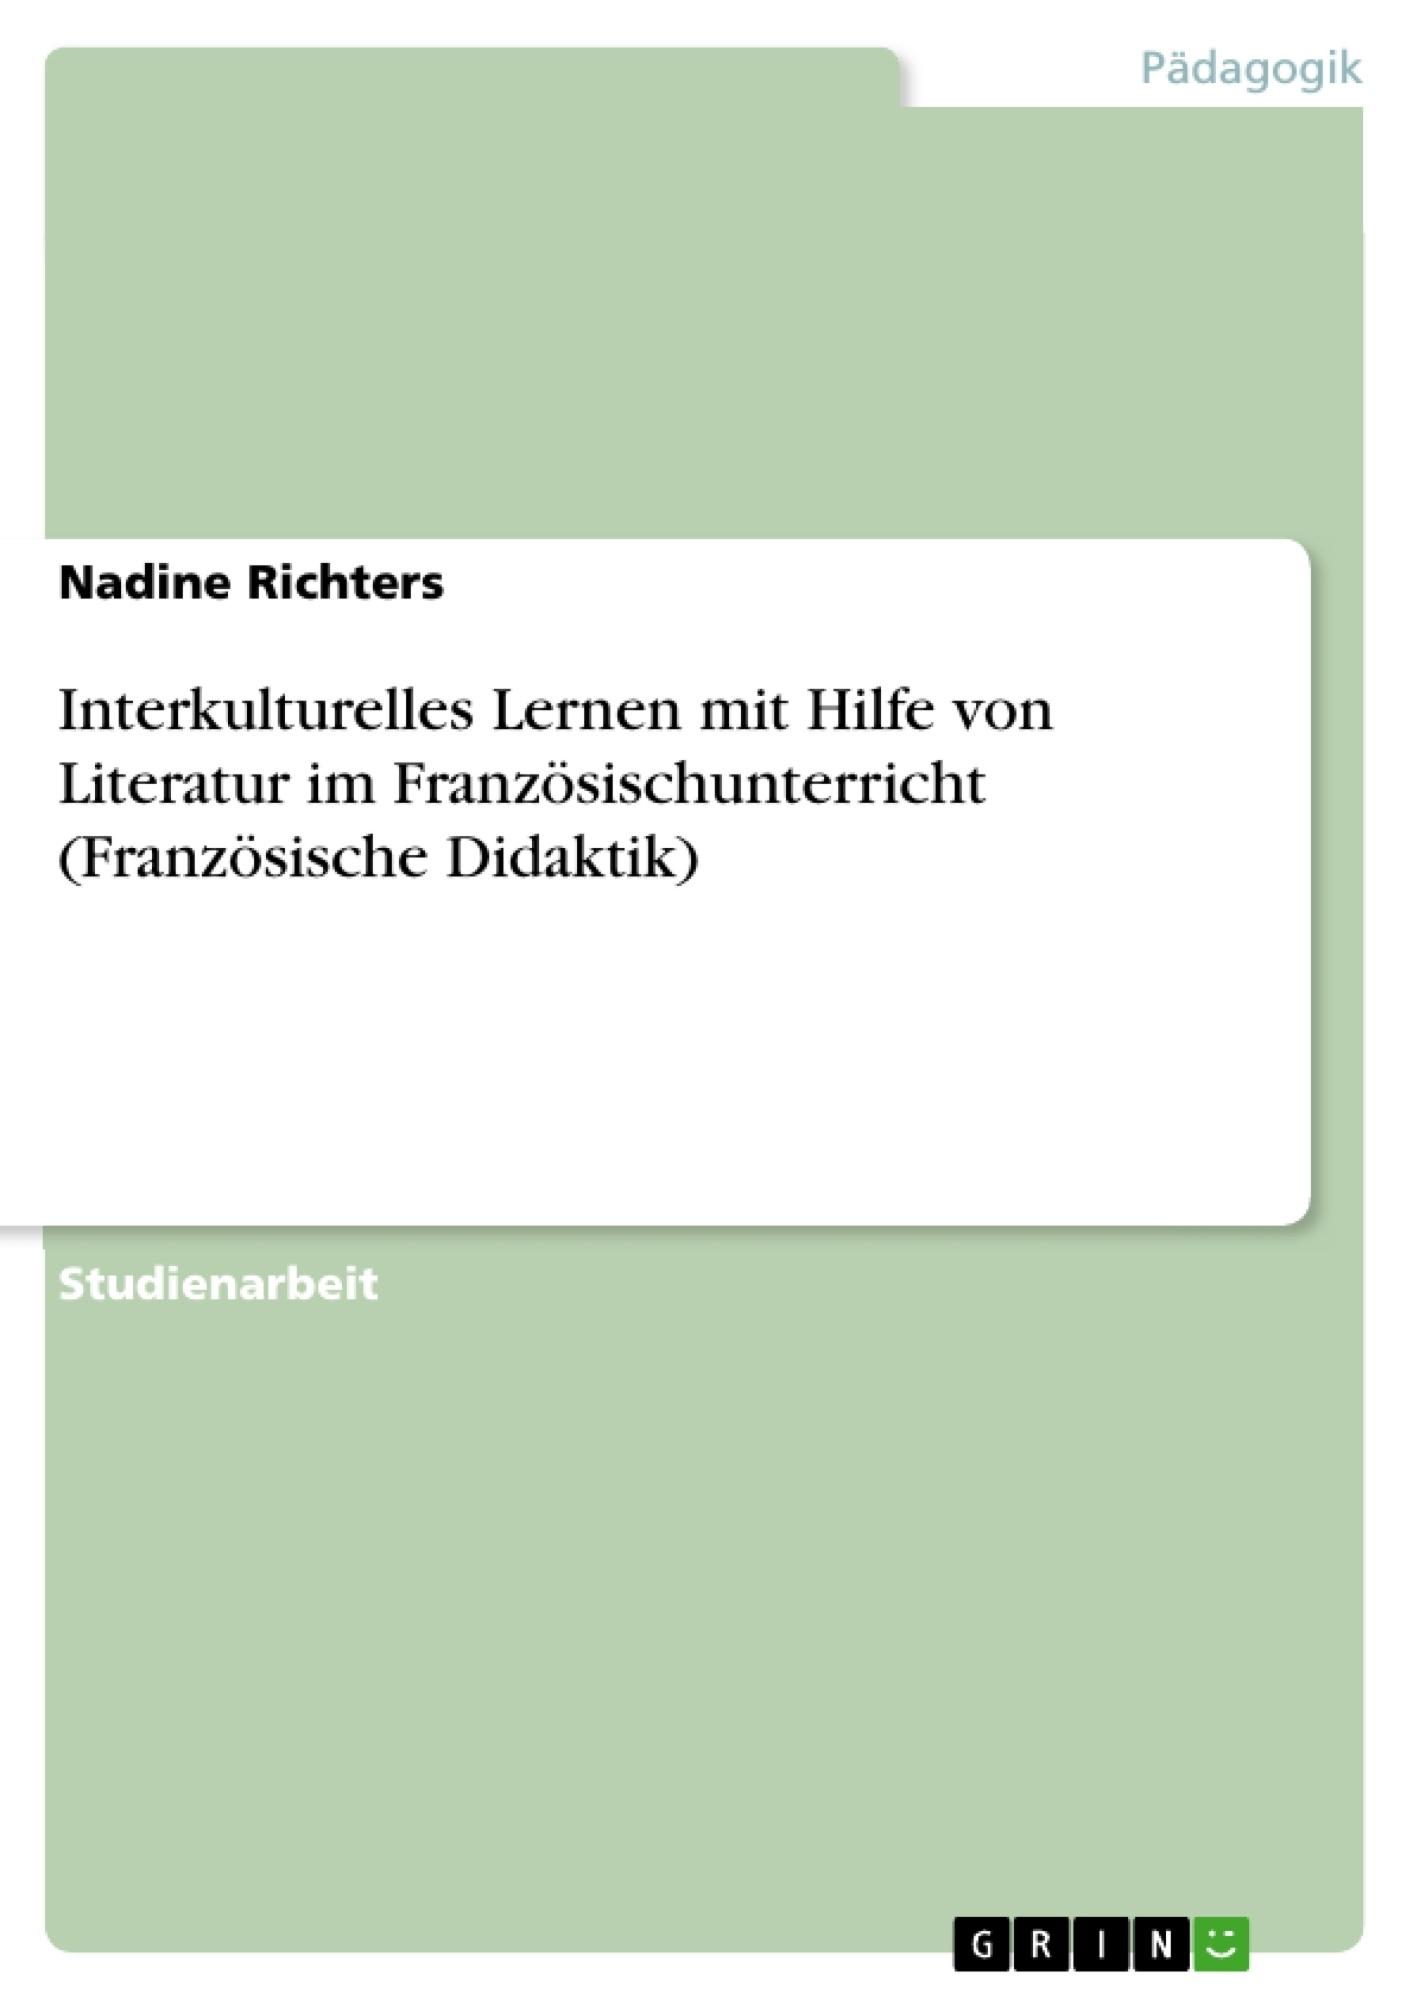 Titel: Interkulturelles Lernen mit Hilfe von Literatur im Französischunterricht (Französische Didaktik)